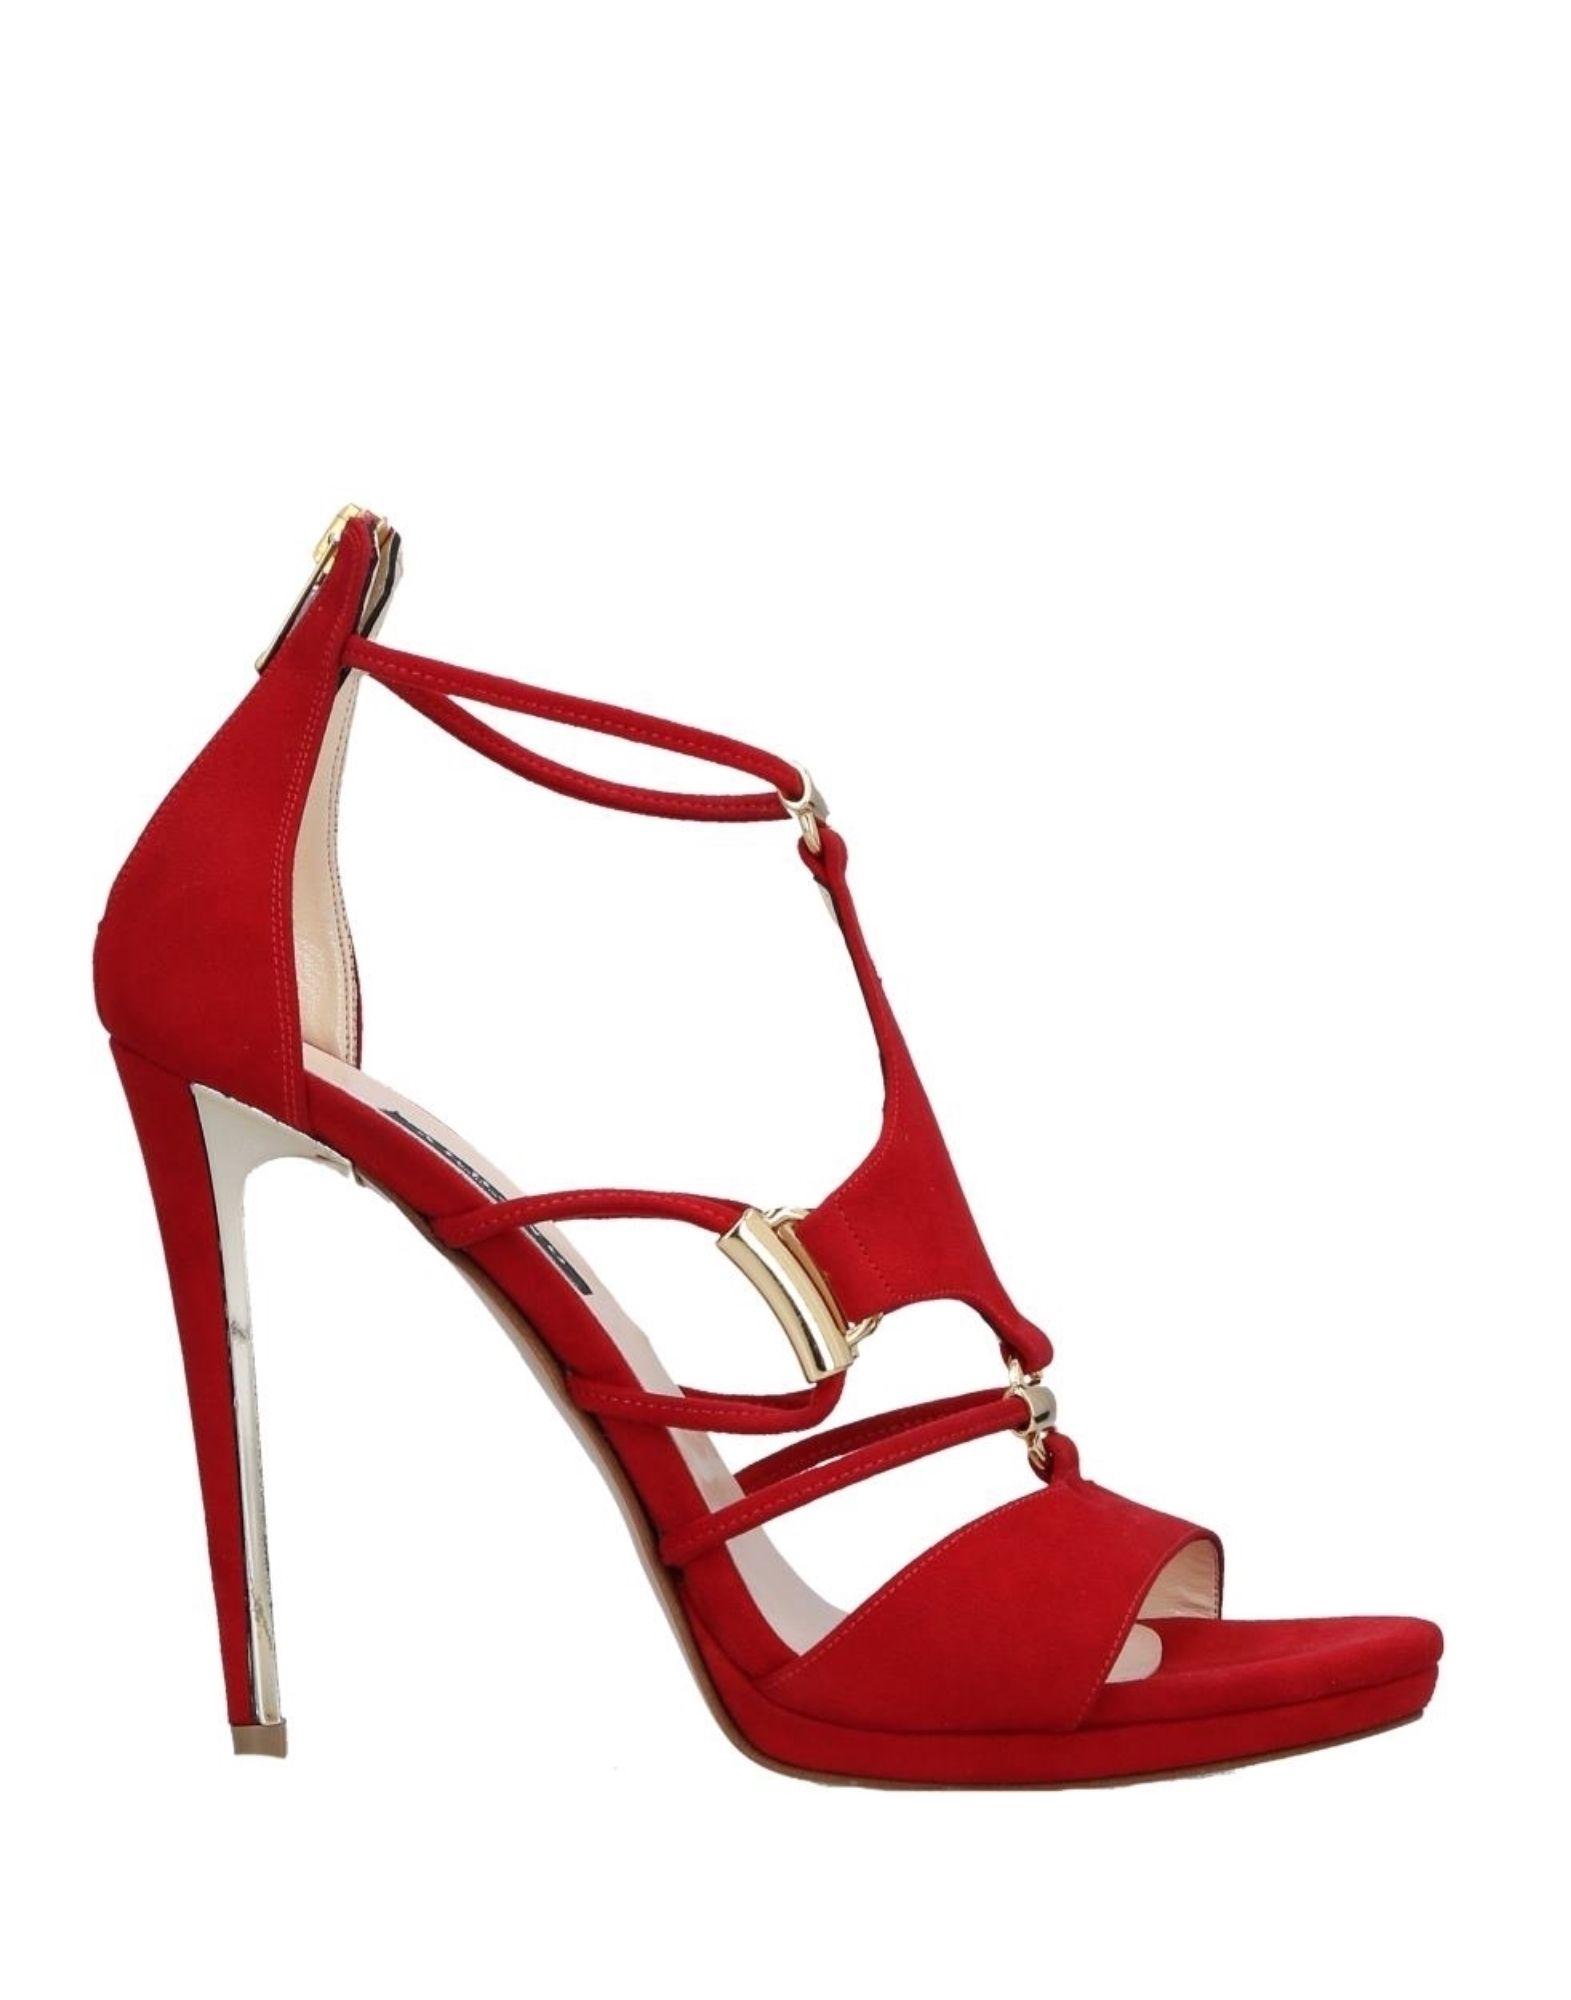 Blbano Sandalen lohnt Damen Gutes Preis-Leistungs-Verhältnis, es lohnt Sandalen sich,Sonderangebot-25046 c125d5